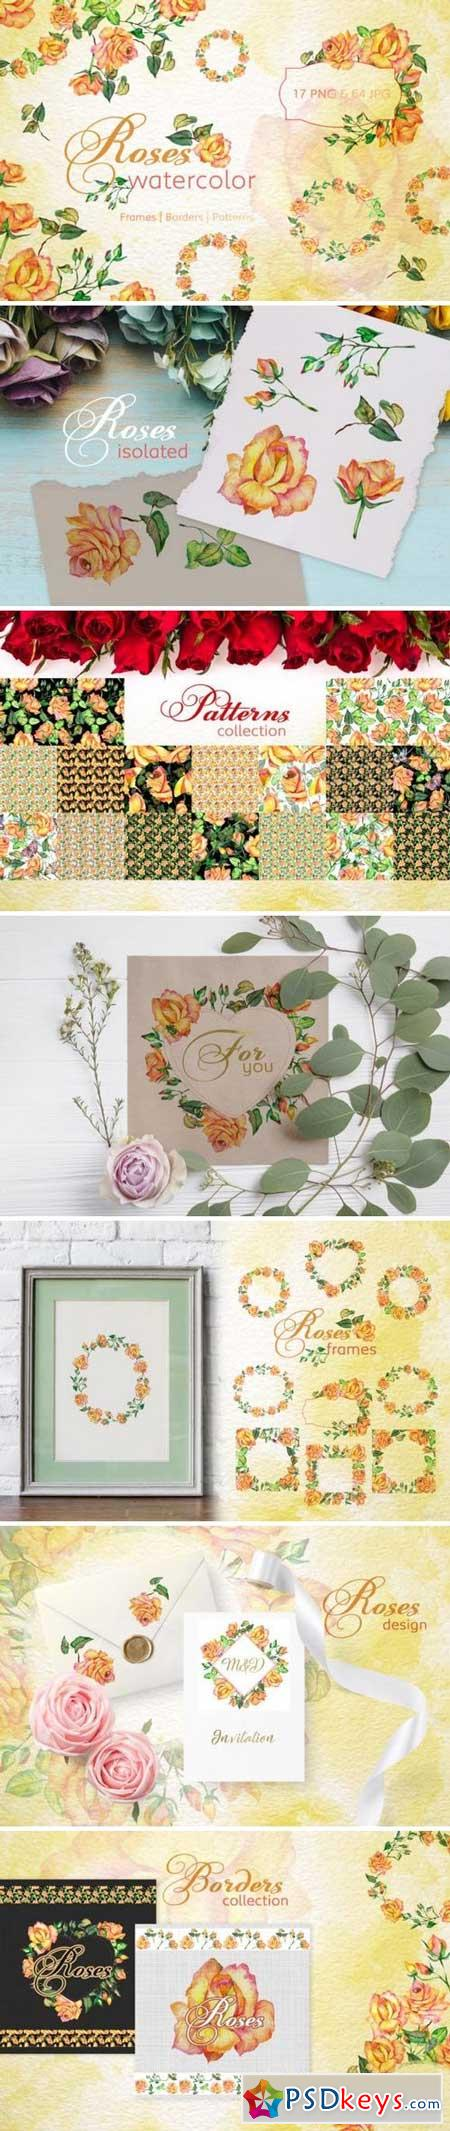 Roses Watercolor Yellow png 3318453